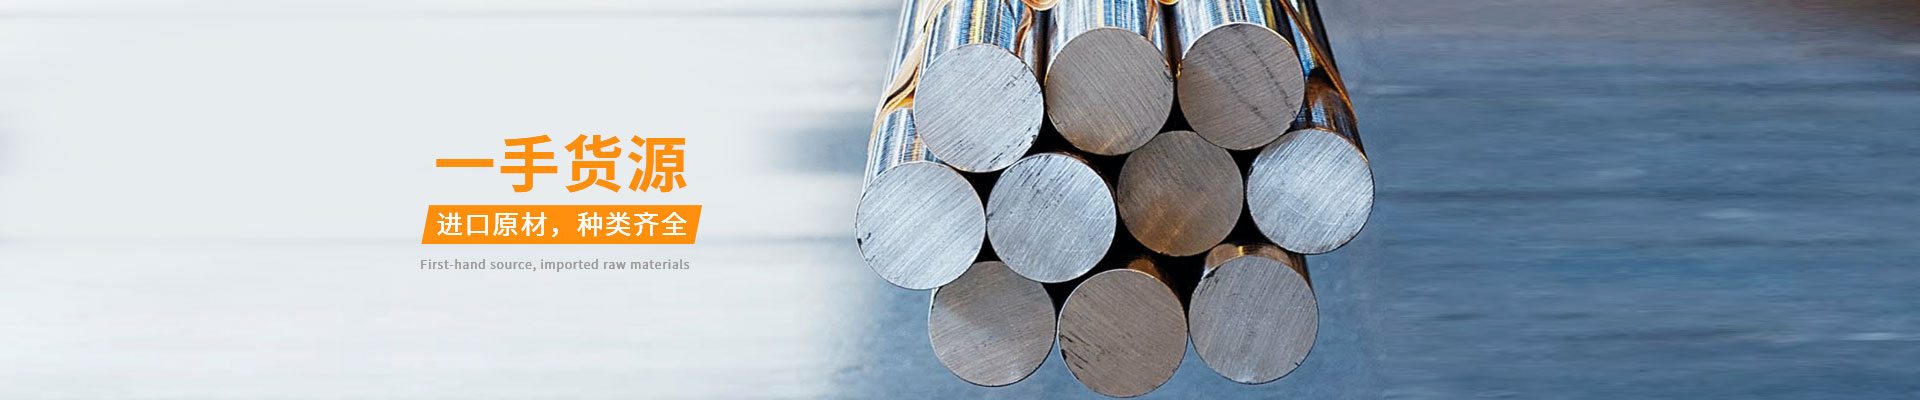 中瑞-一手货源 进口原材,种类齐全|